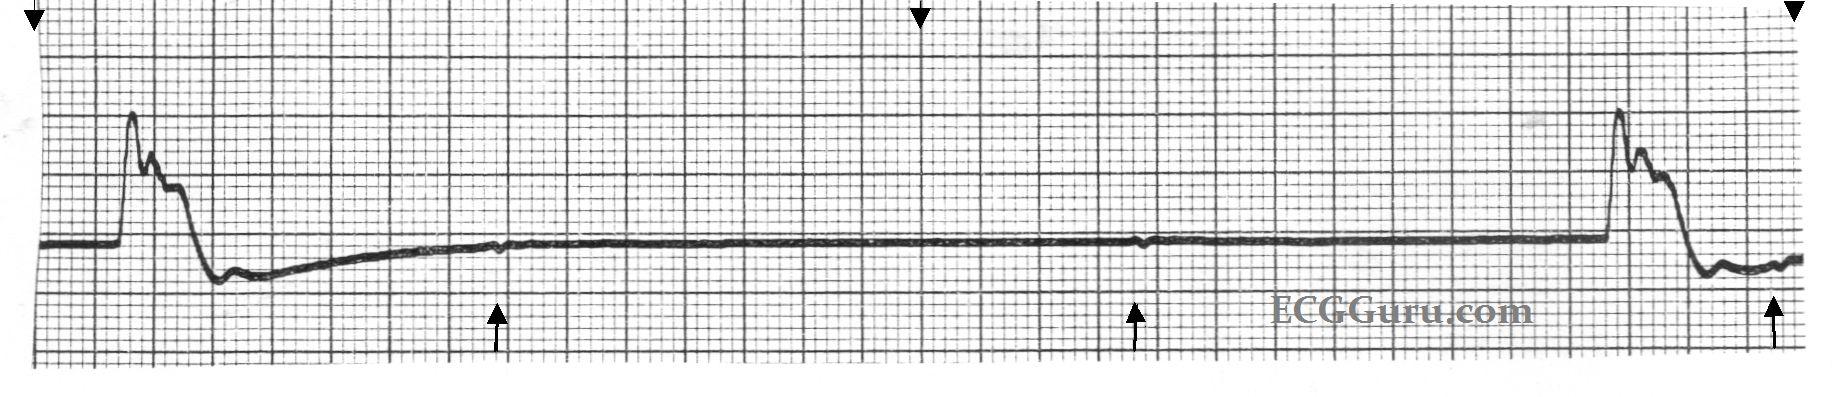 ECG Basics: Idioventricular Escape Rhythm | ECG Guru ...